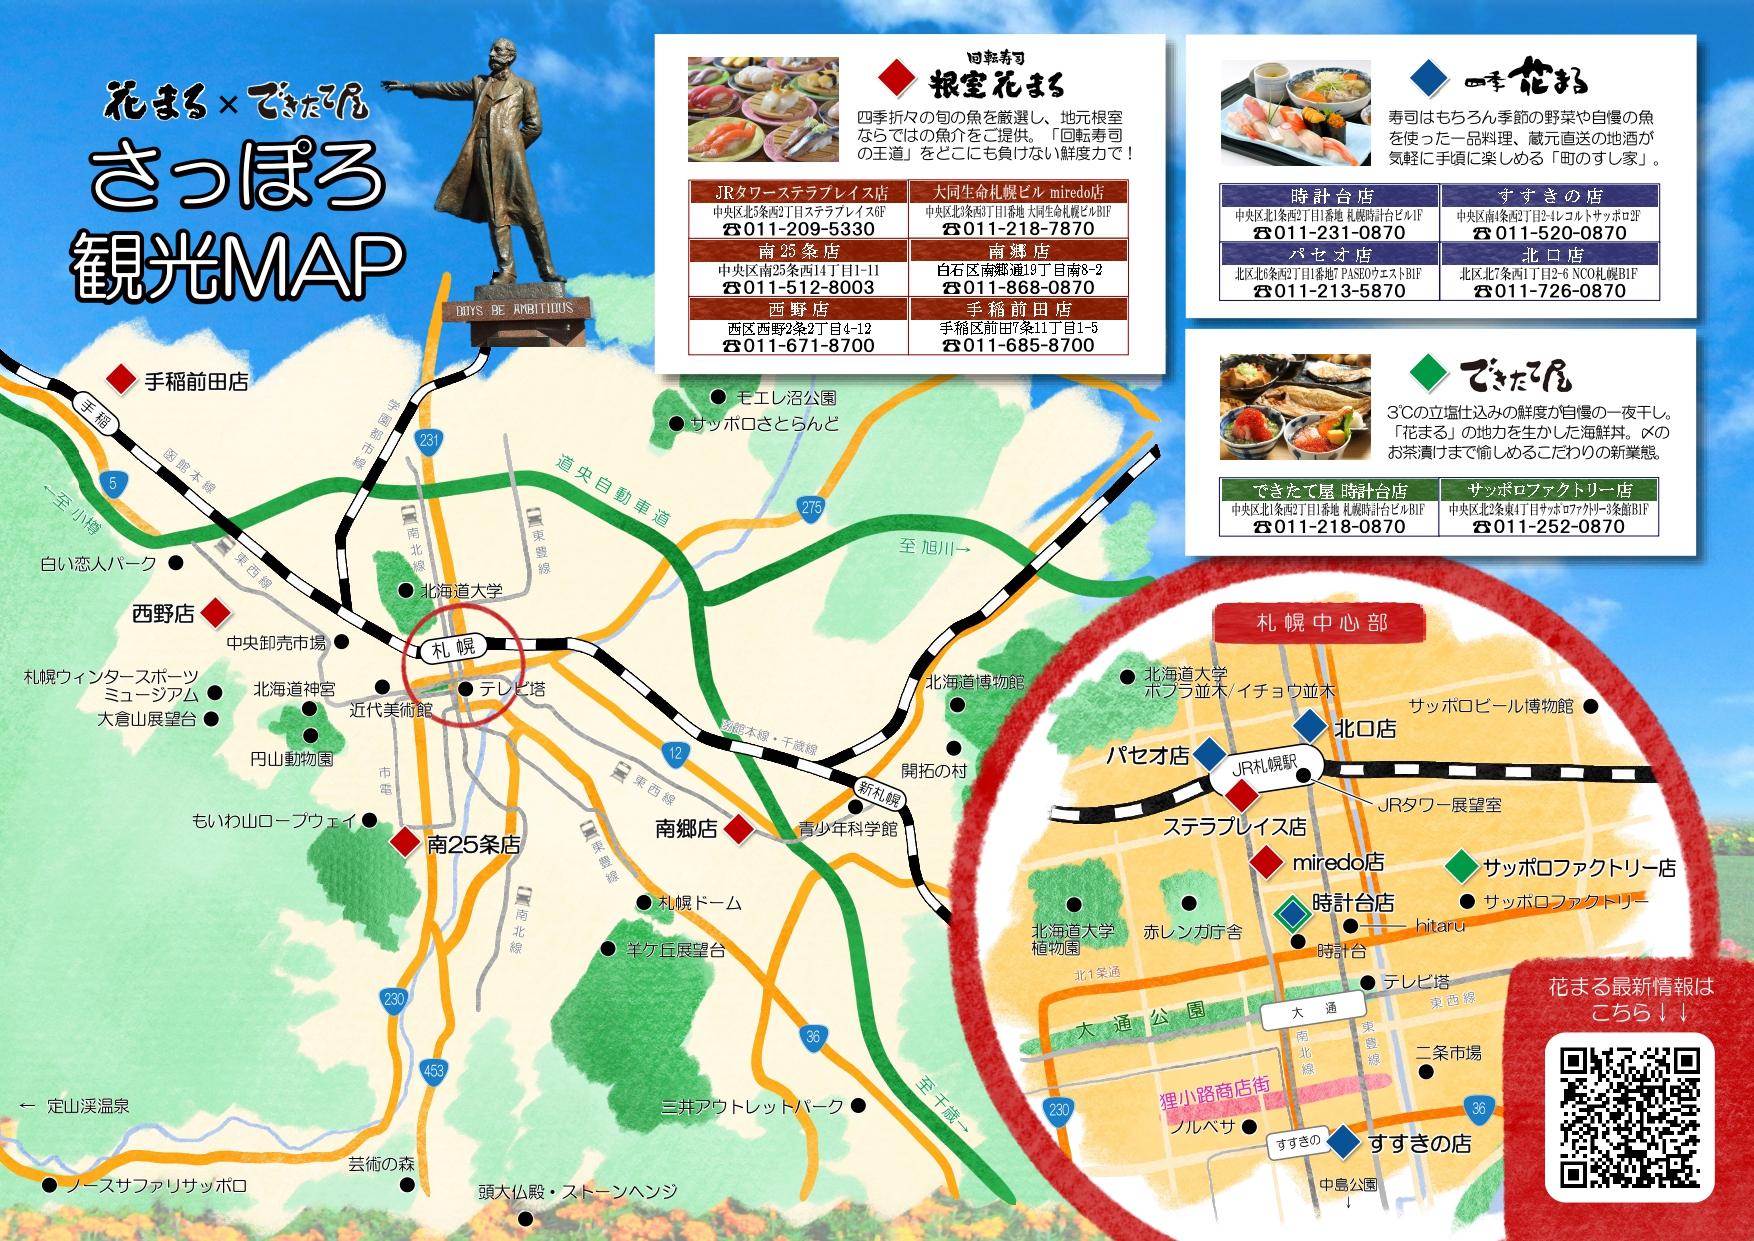 さっぽろ観光MAP_2校.jpg